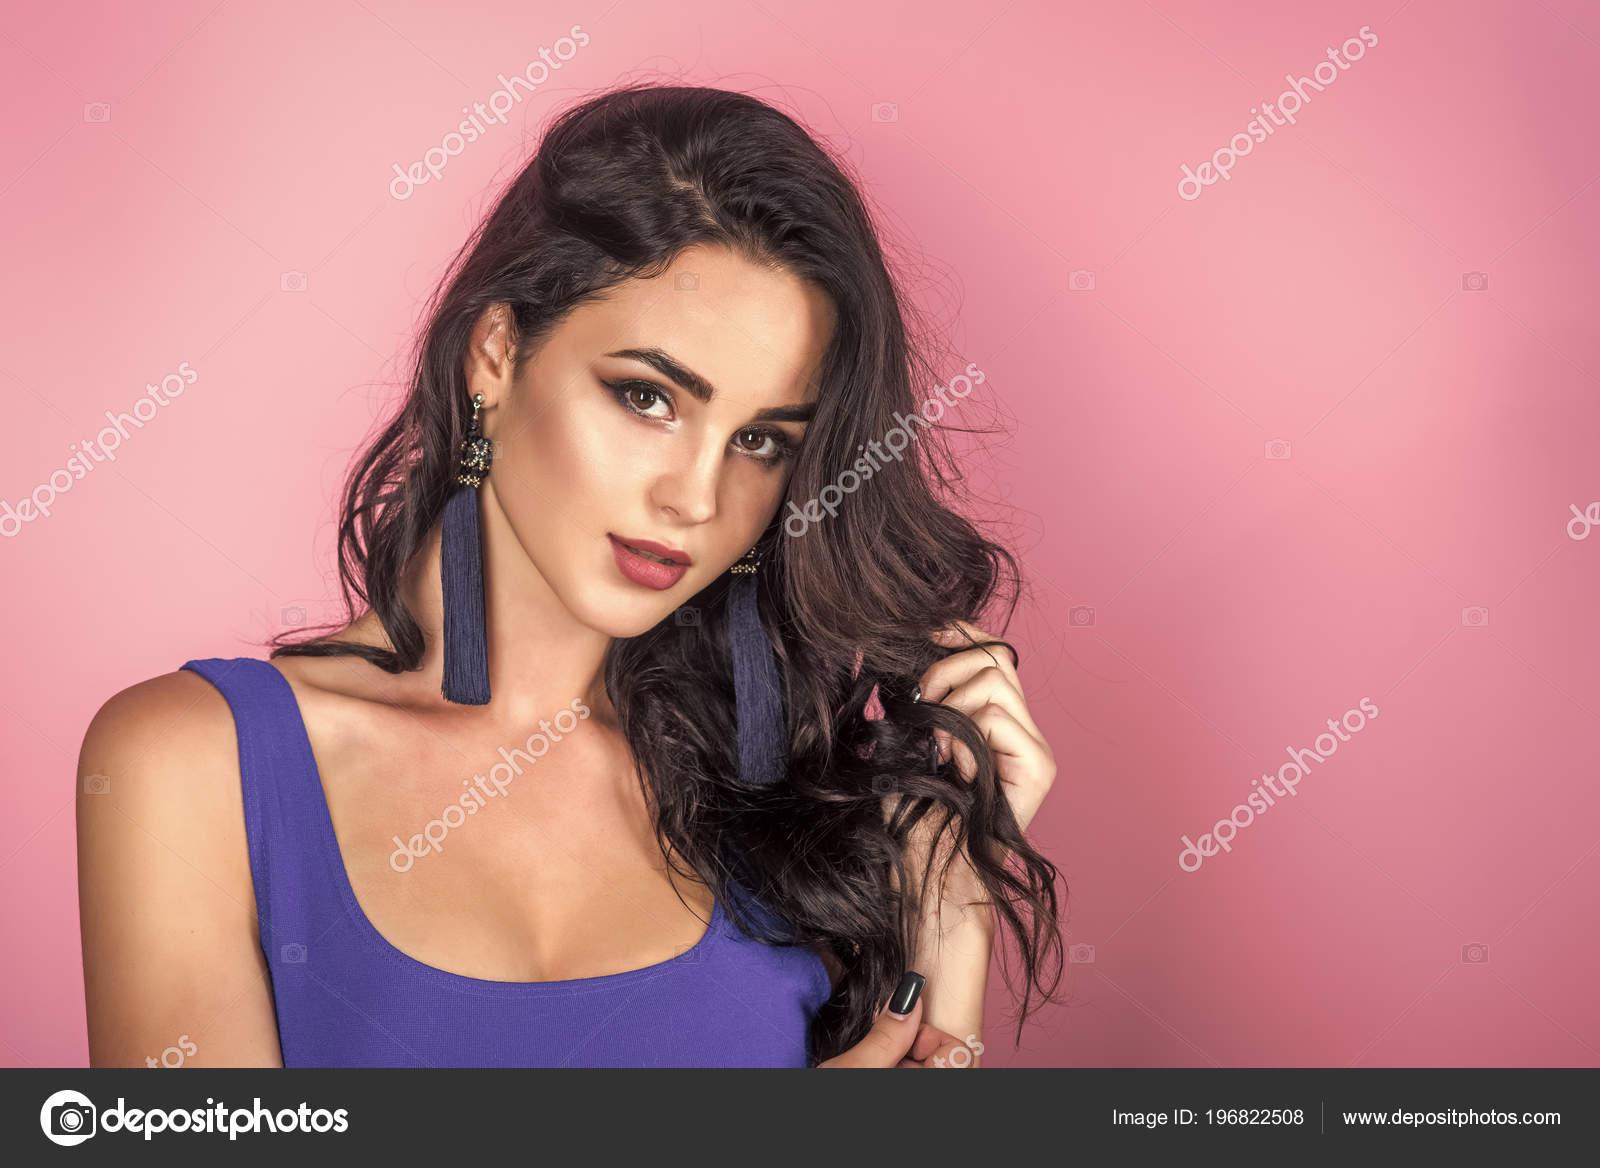 Sexy Frau Frau Mit Make Up Gesicht Im Blauen Kleid Auf Grauem